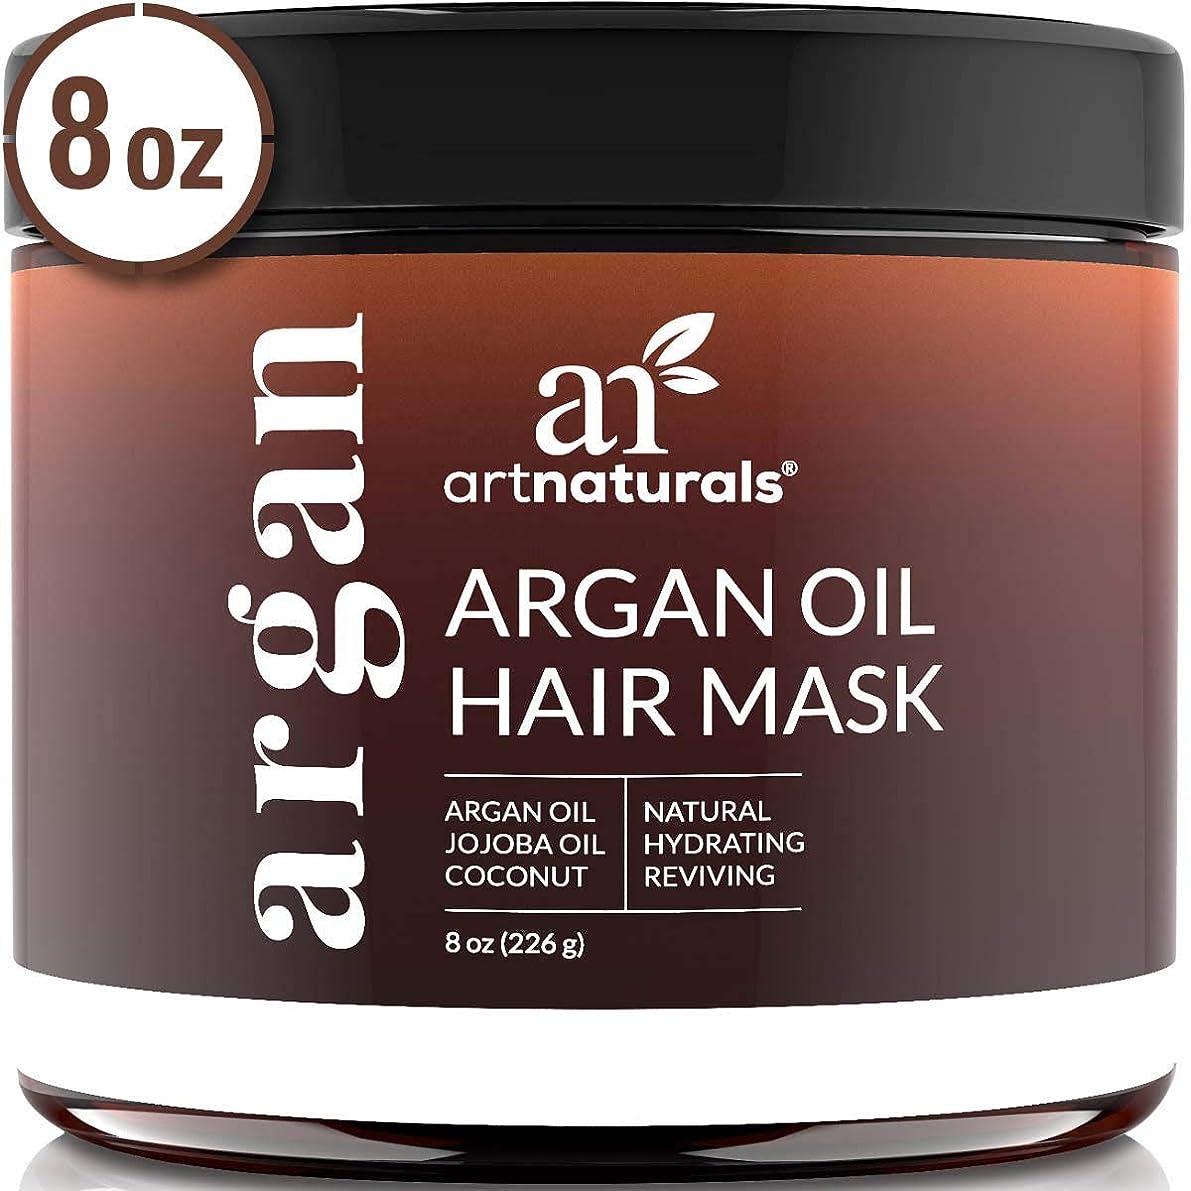 許される解明する分析的なArtNaturals Argan Oil Hair Mask - Deep Conditioner, 100% Organic Jojoba, Aloe Vera and Keratin, Repair Dry, Damaged or Color Treated Hair after Shampoo for All Hair Types, Sulfate Free, 8 oz.